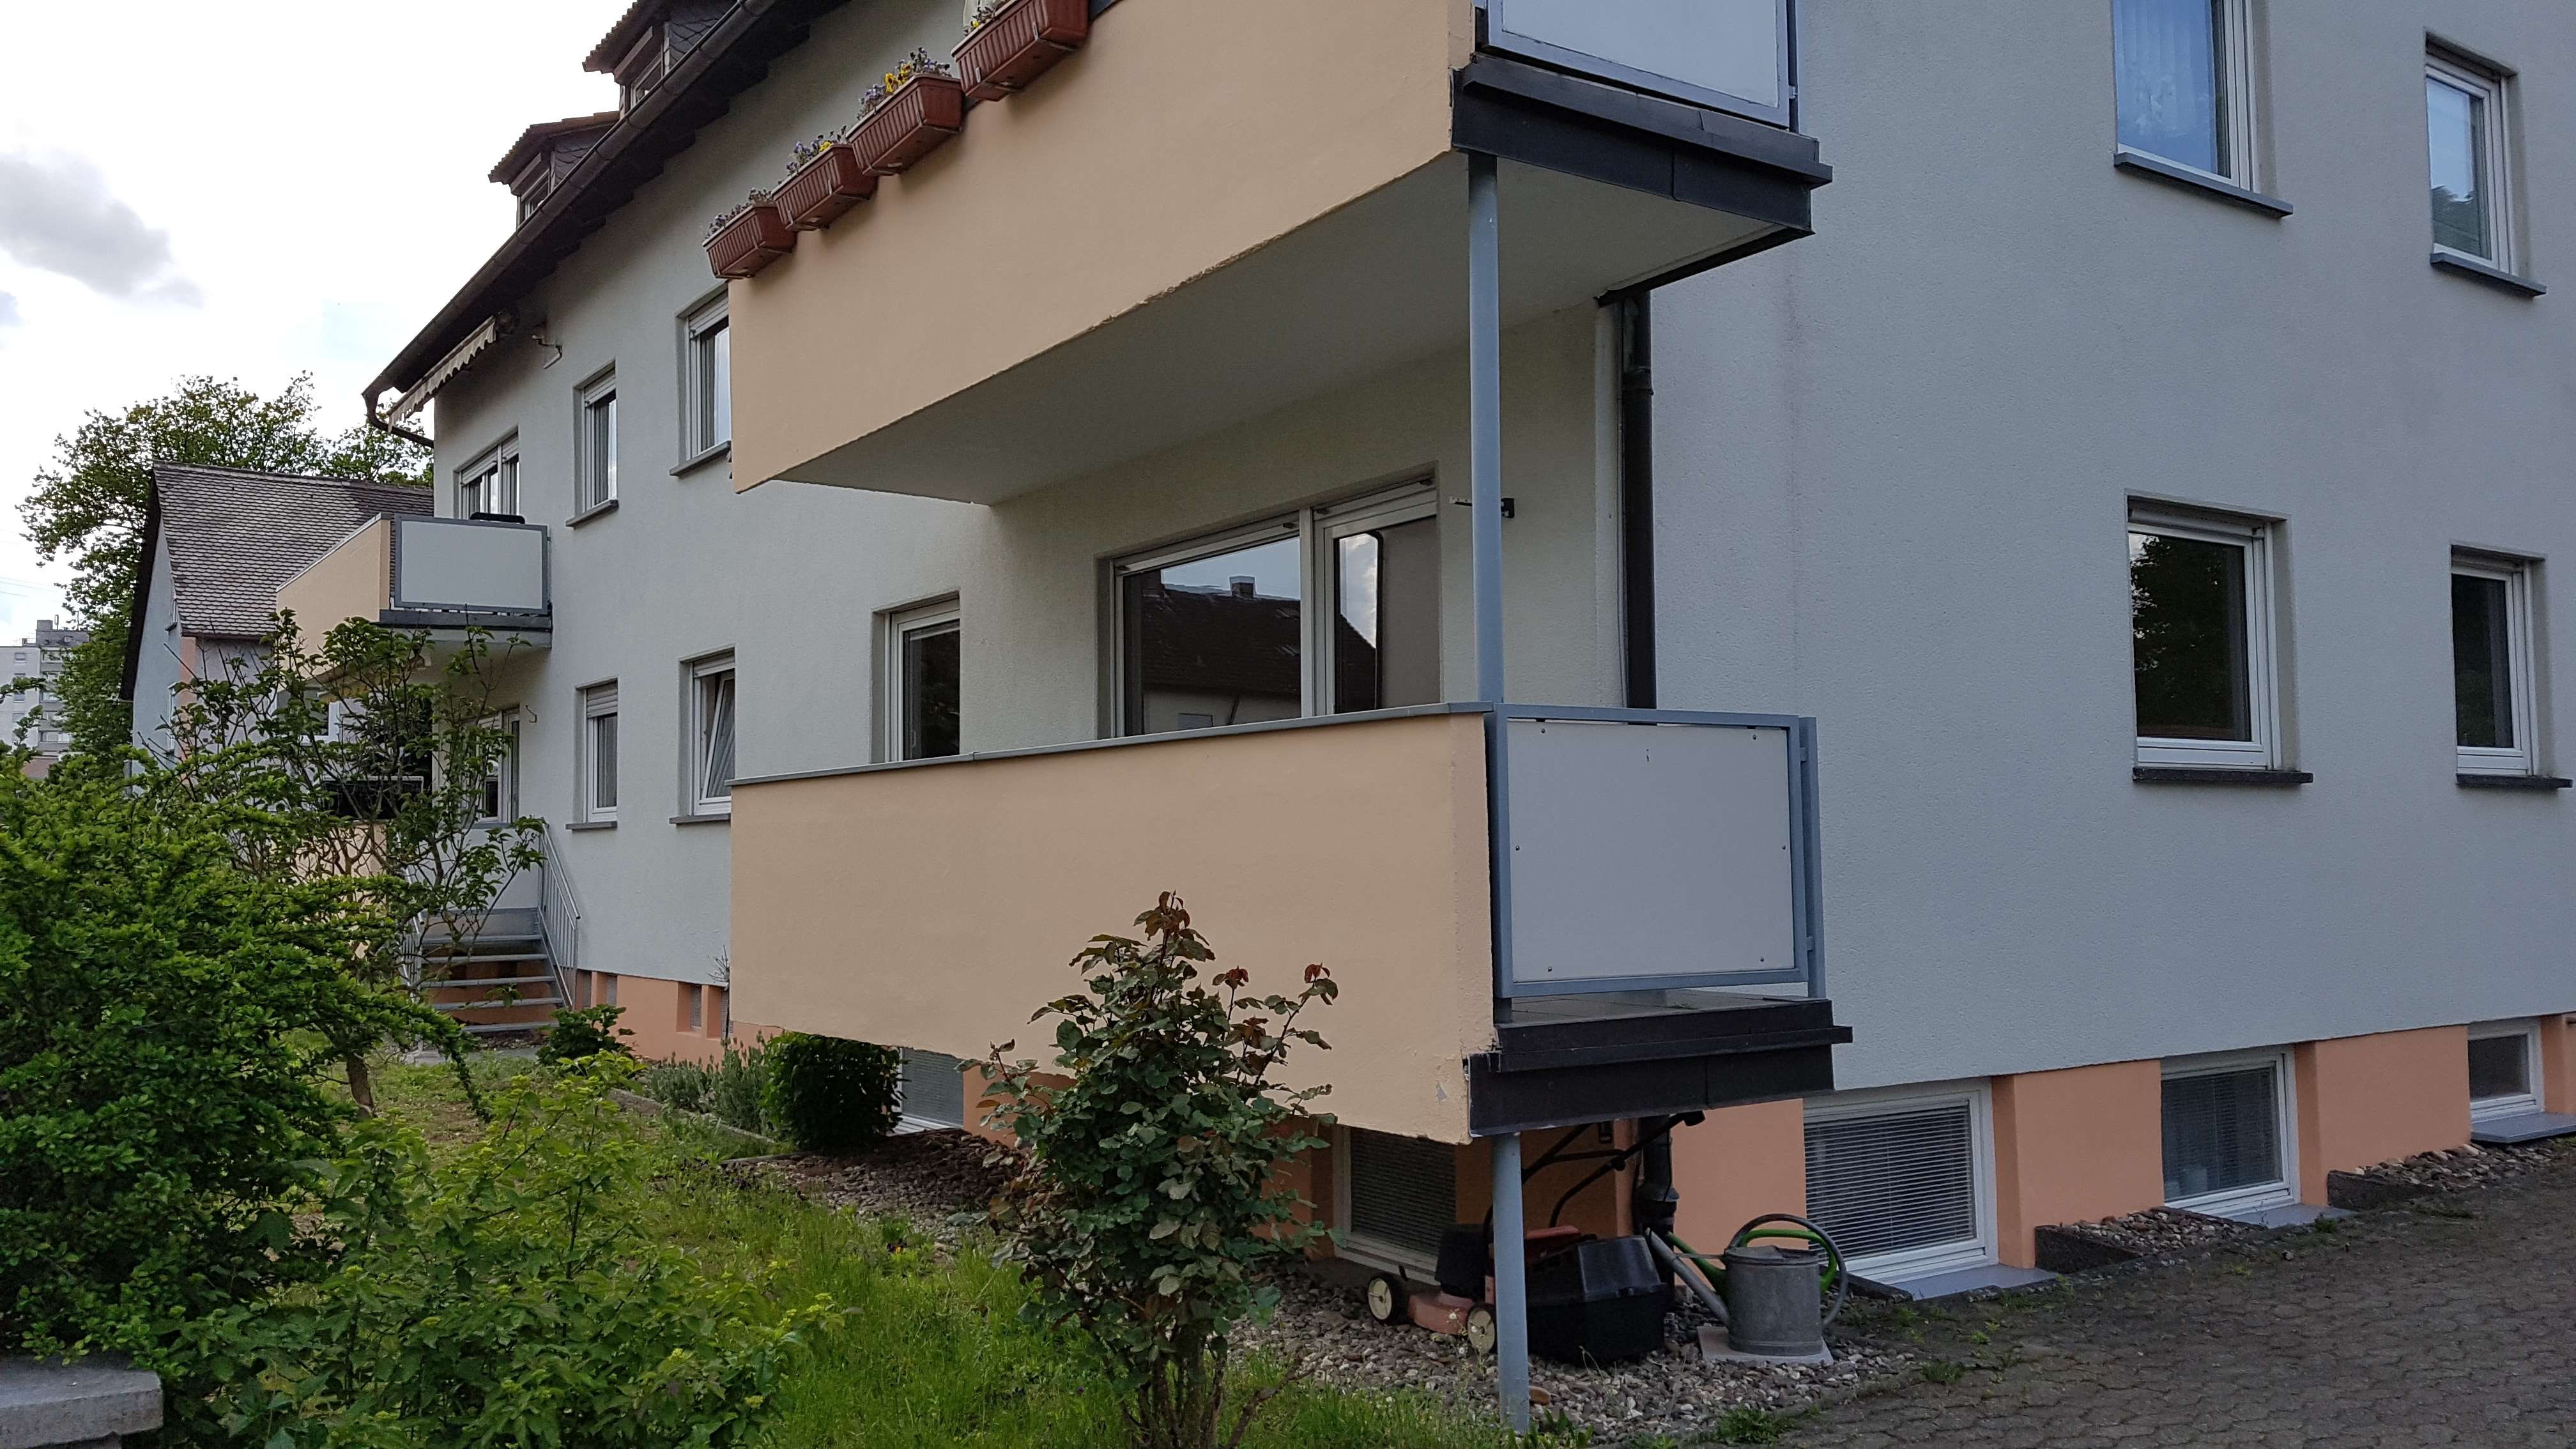 3-Zimmer-Wohnung mit Balkon, EBK und Garage in Bamberg